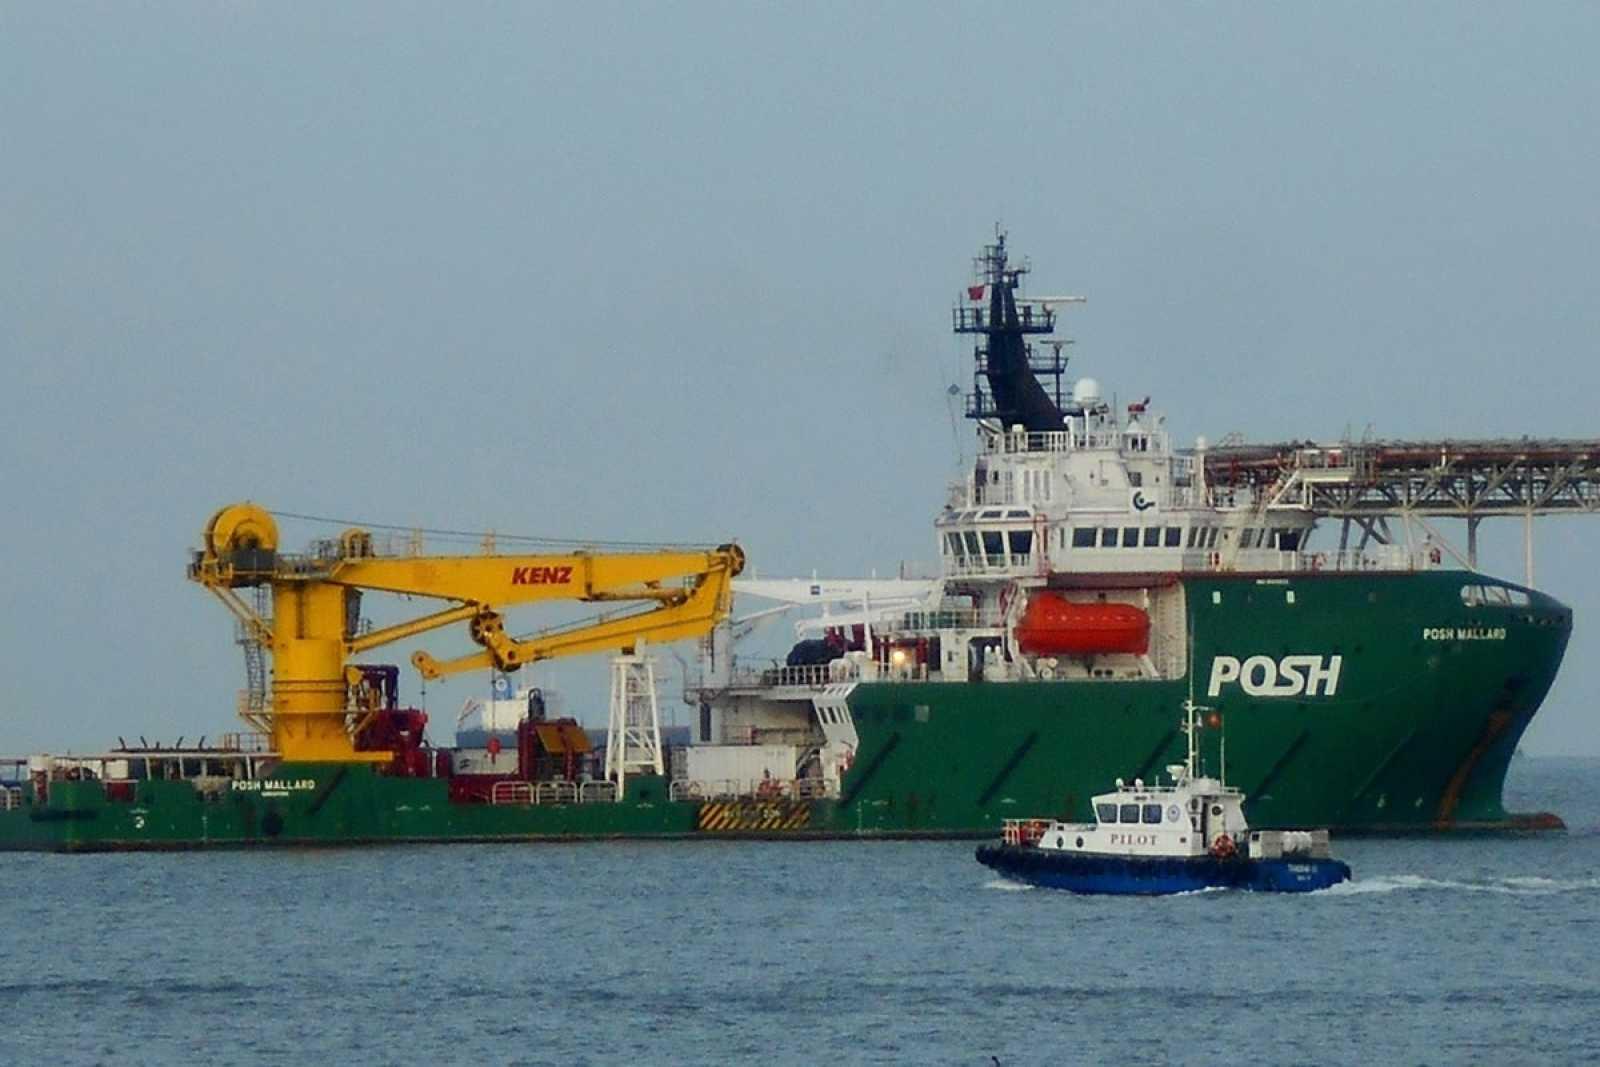 Posh-ship